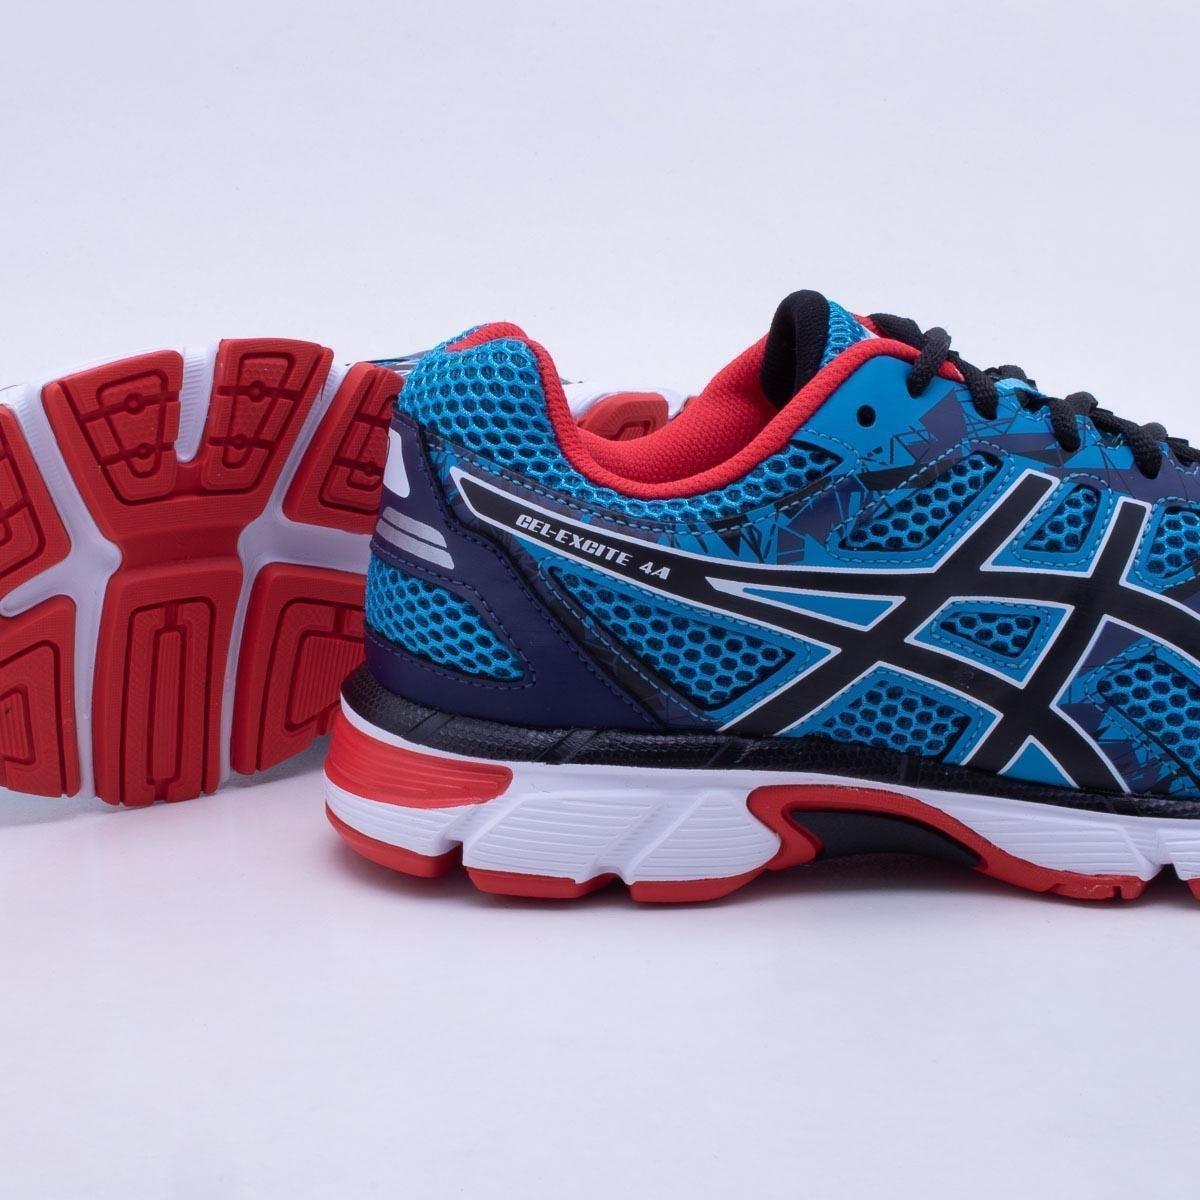 9830779b0c ... Tênis Asics GEL Excite 4 Masculino - Azul e Vermelho - Compre Agora ..  ...